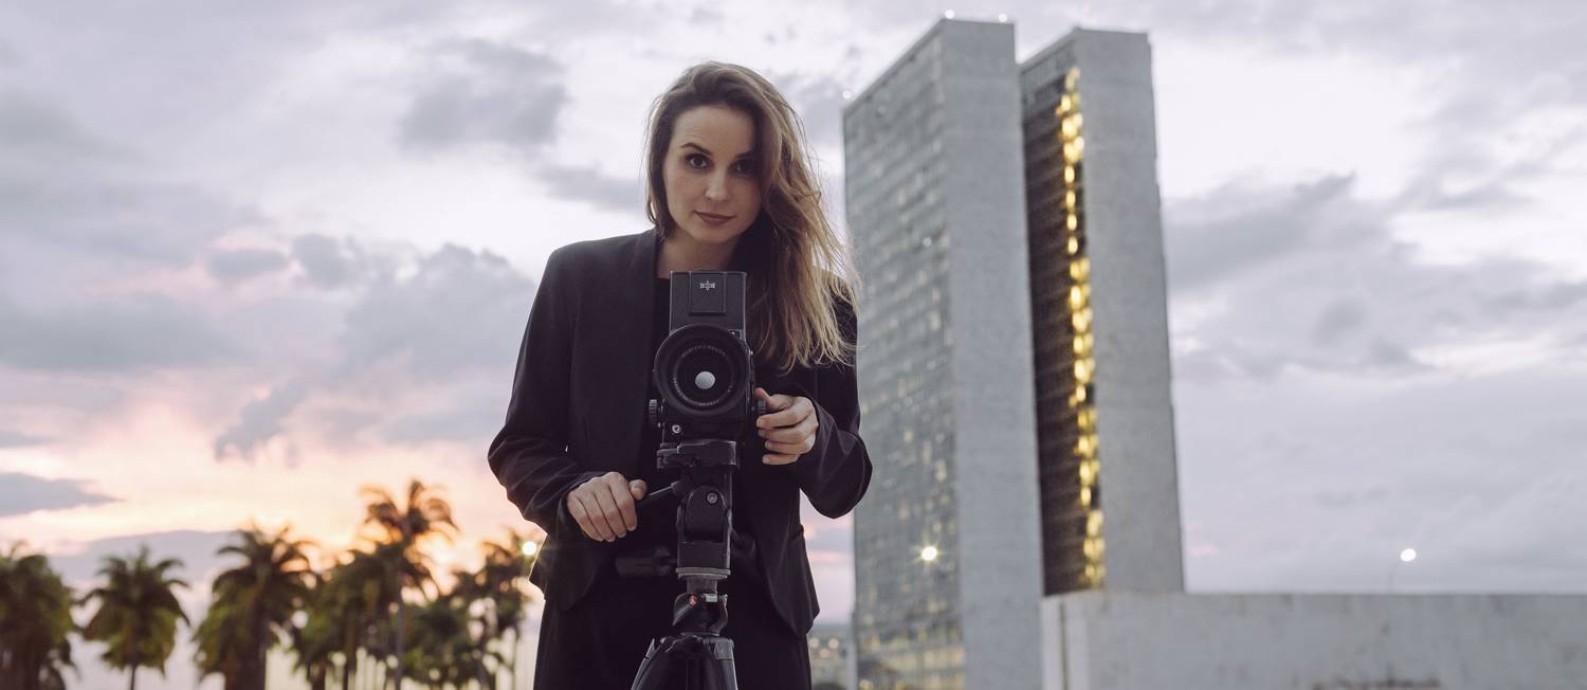 Petra Costa, diretora de 'Democracia em vertigem', filma em Brasília Foto: Divulgação/Diego Bresani